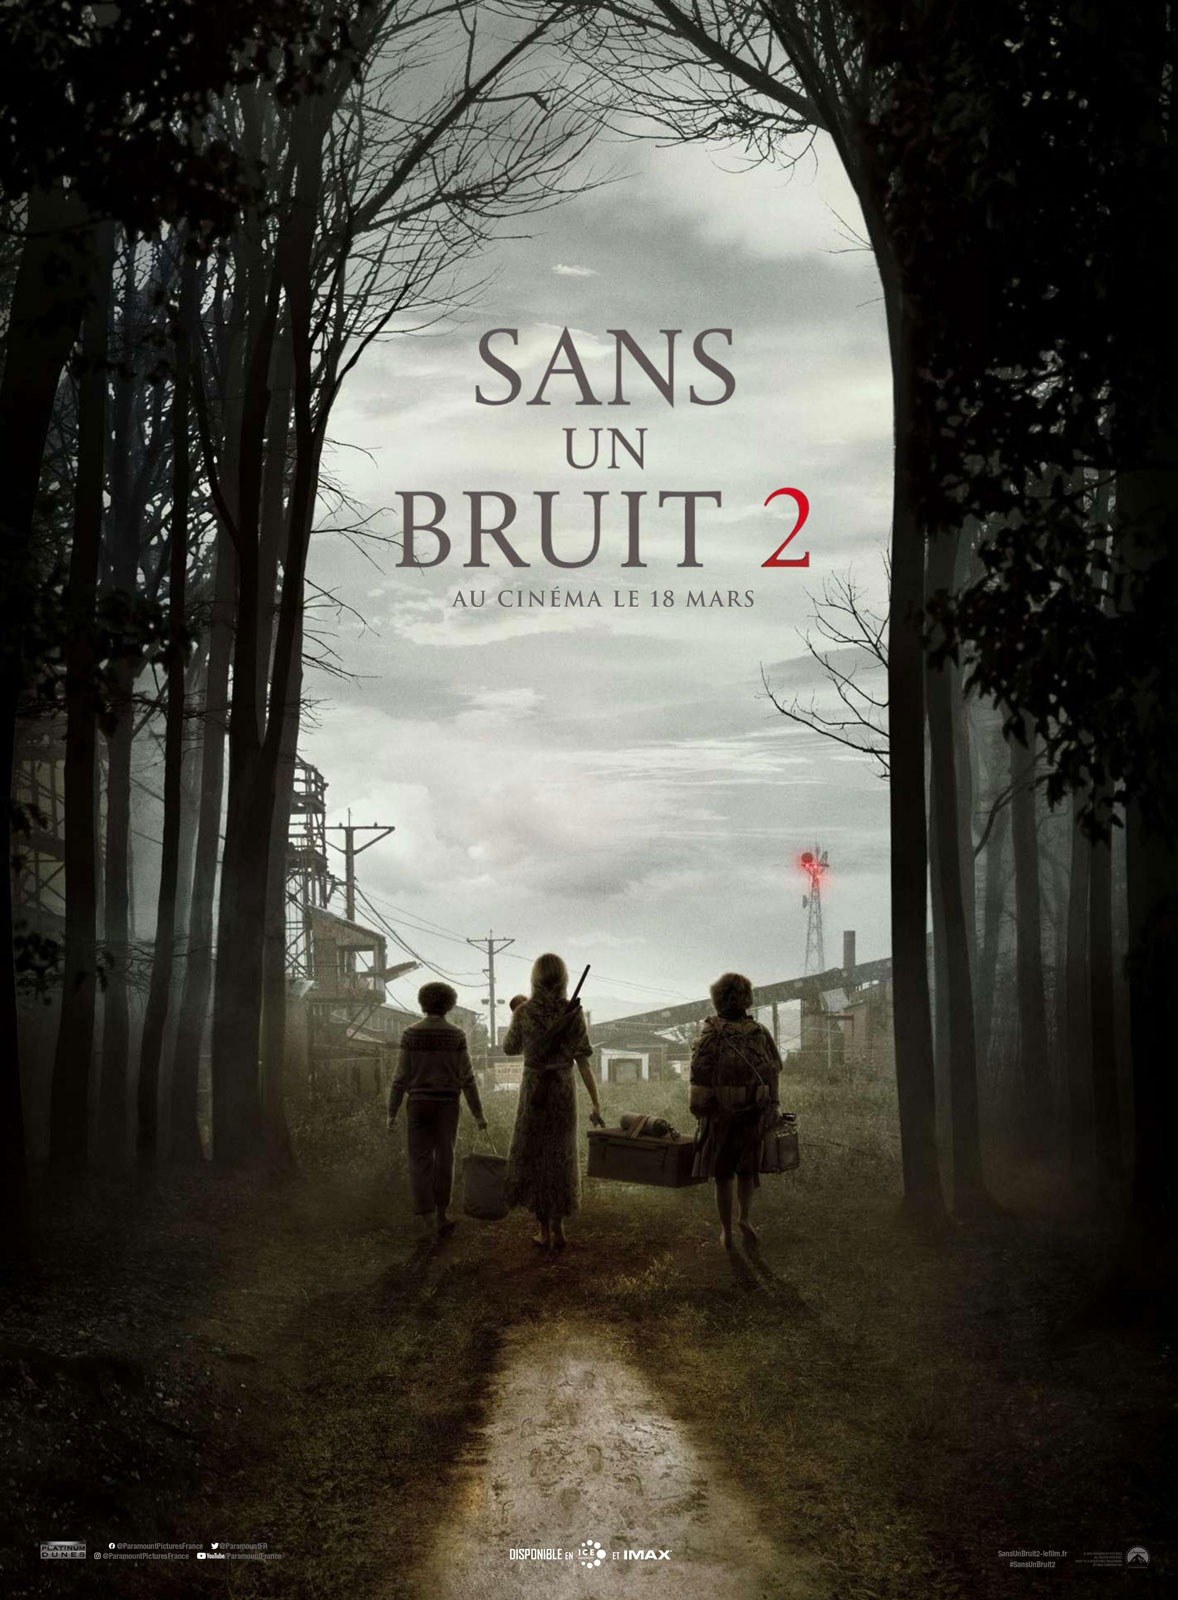 Affiche du film Sans un bruit 2 - Photo 33 sur 35 - AlloCiné